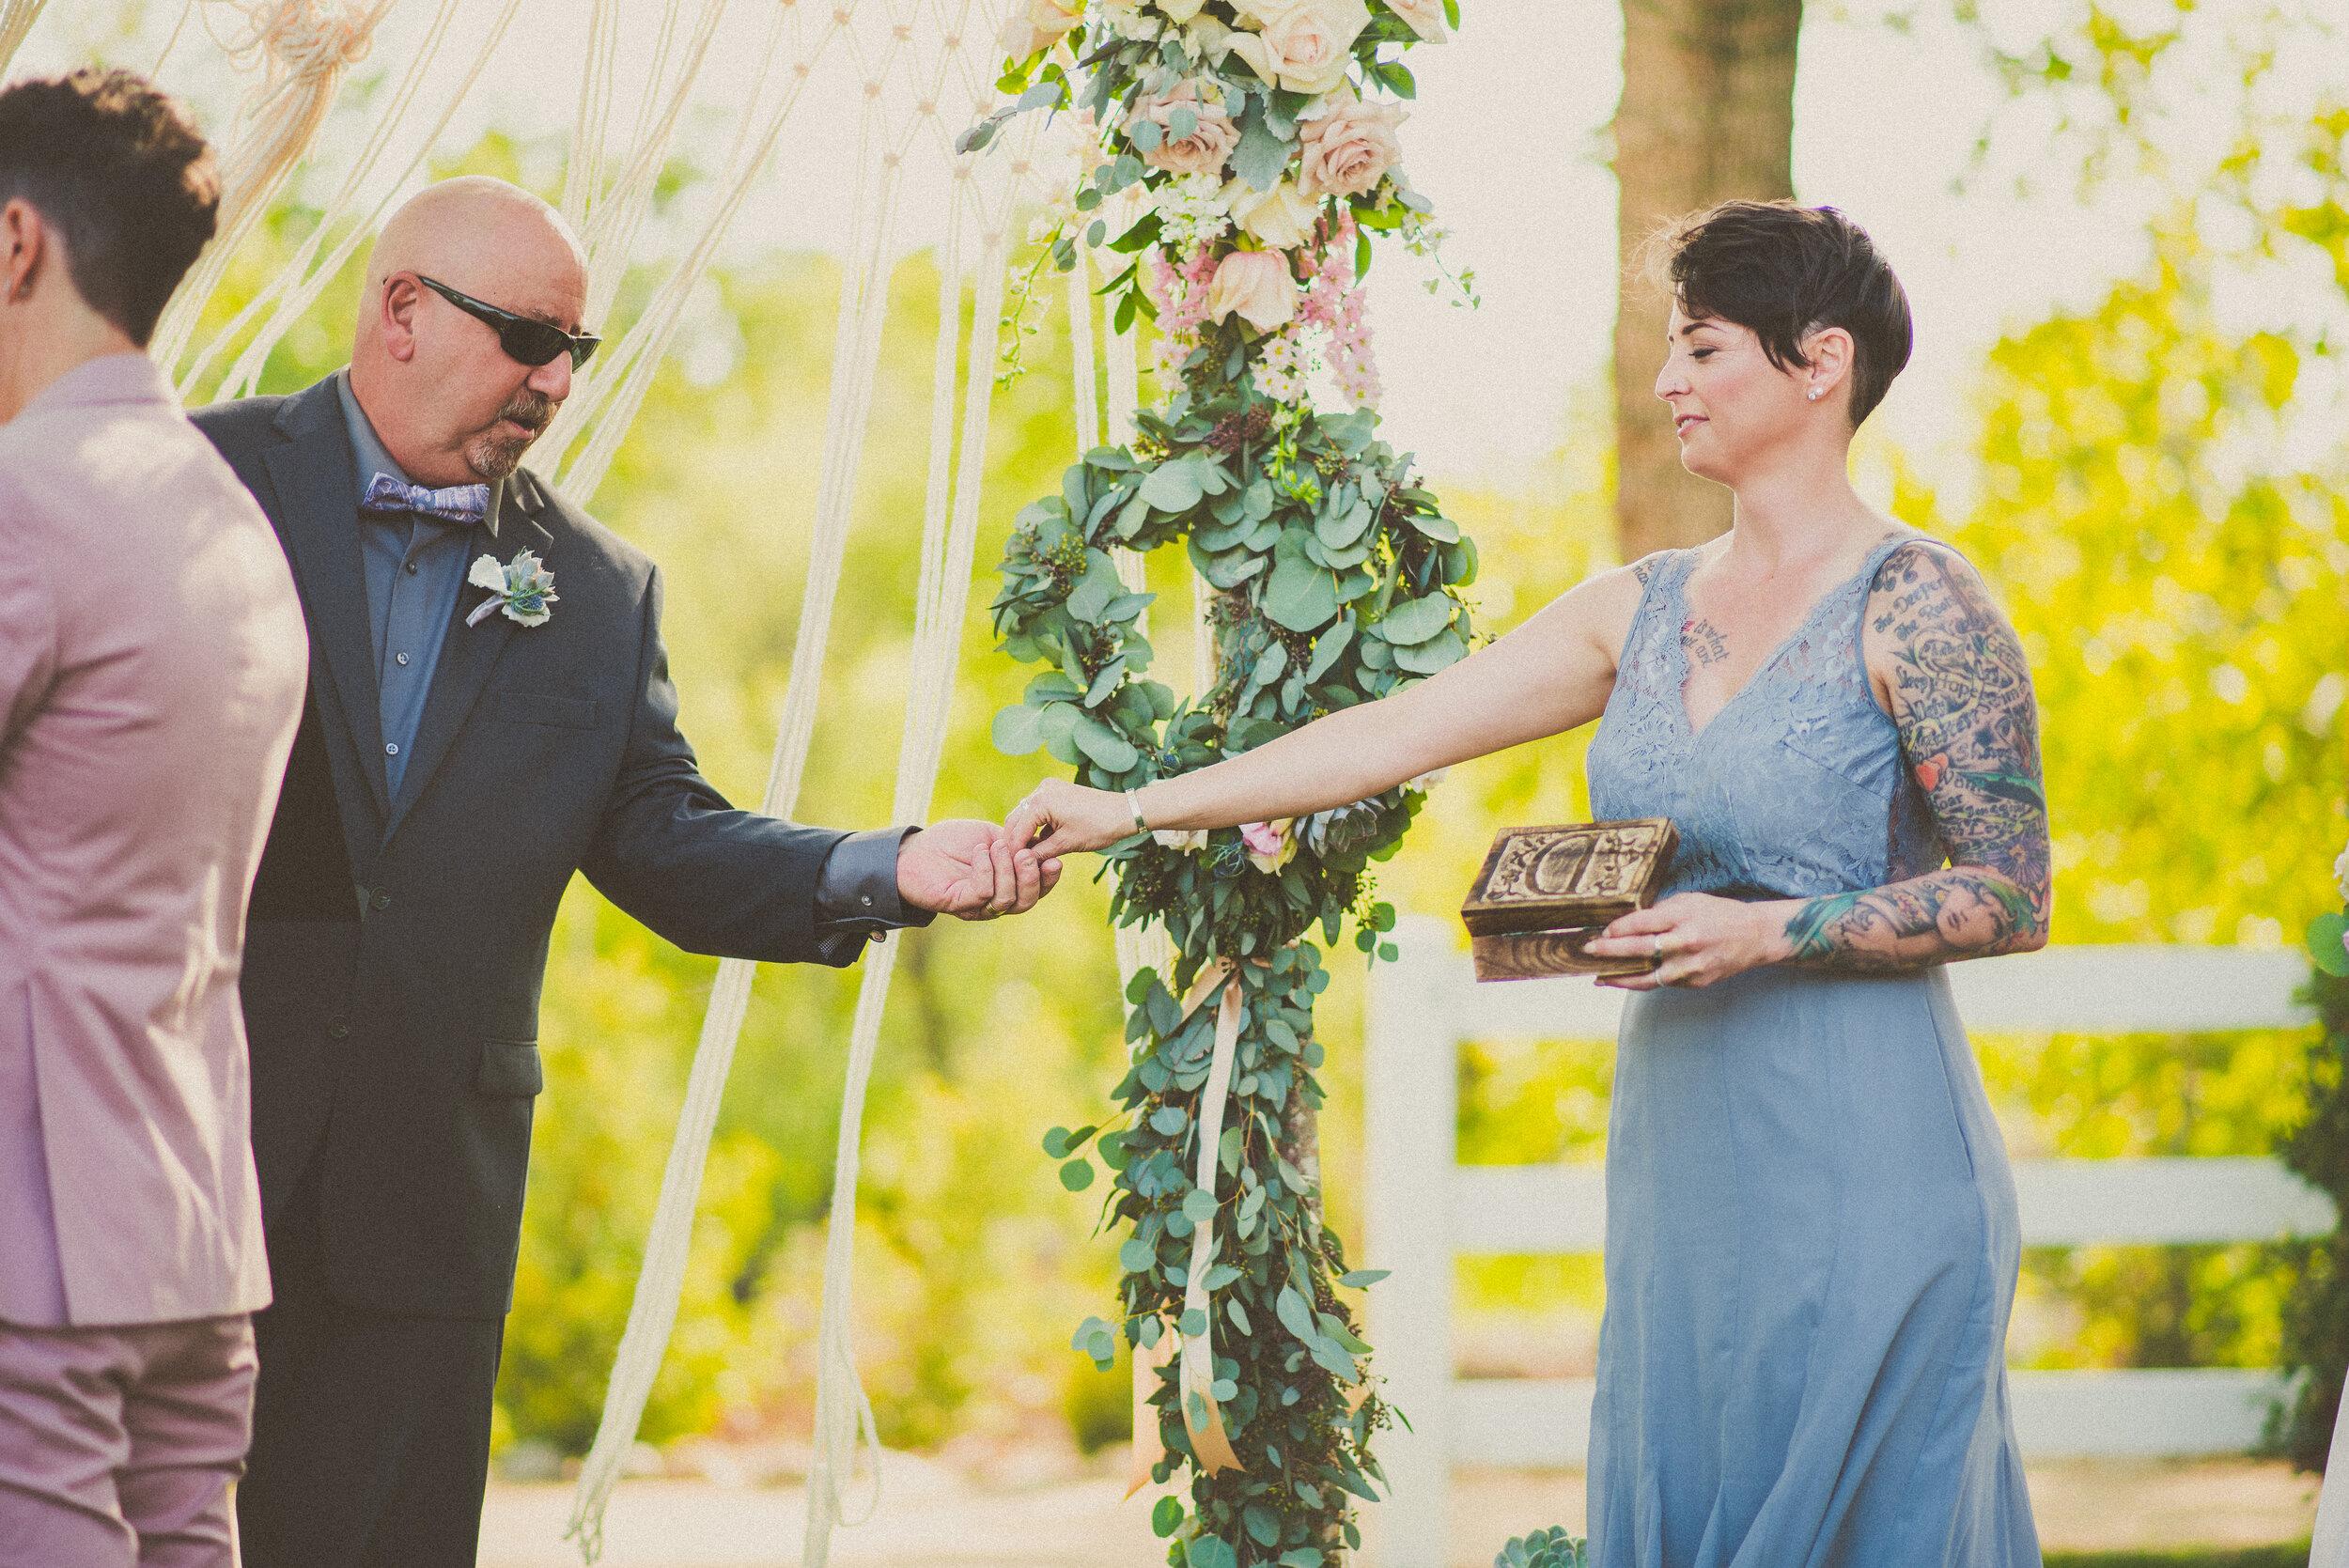 Demiglio Wedding - Ceremony-67.jpg